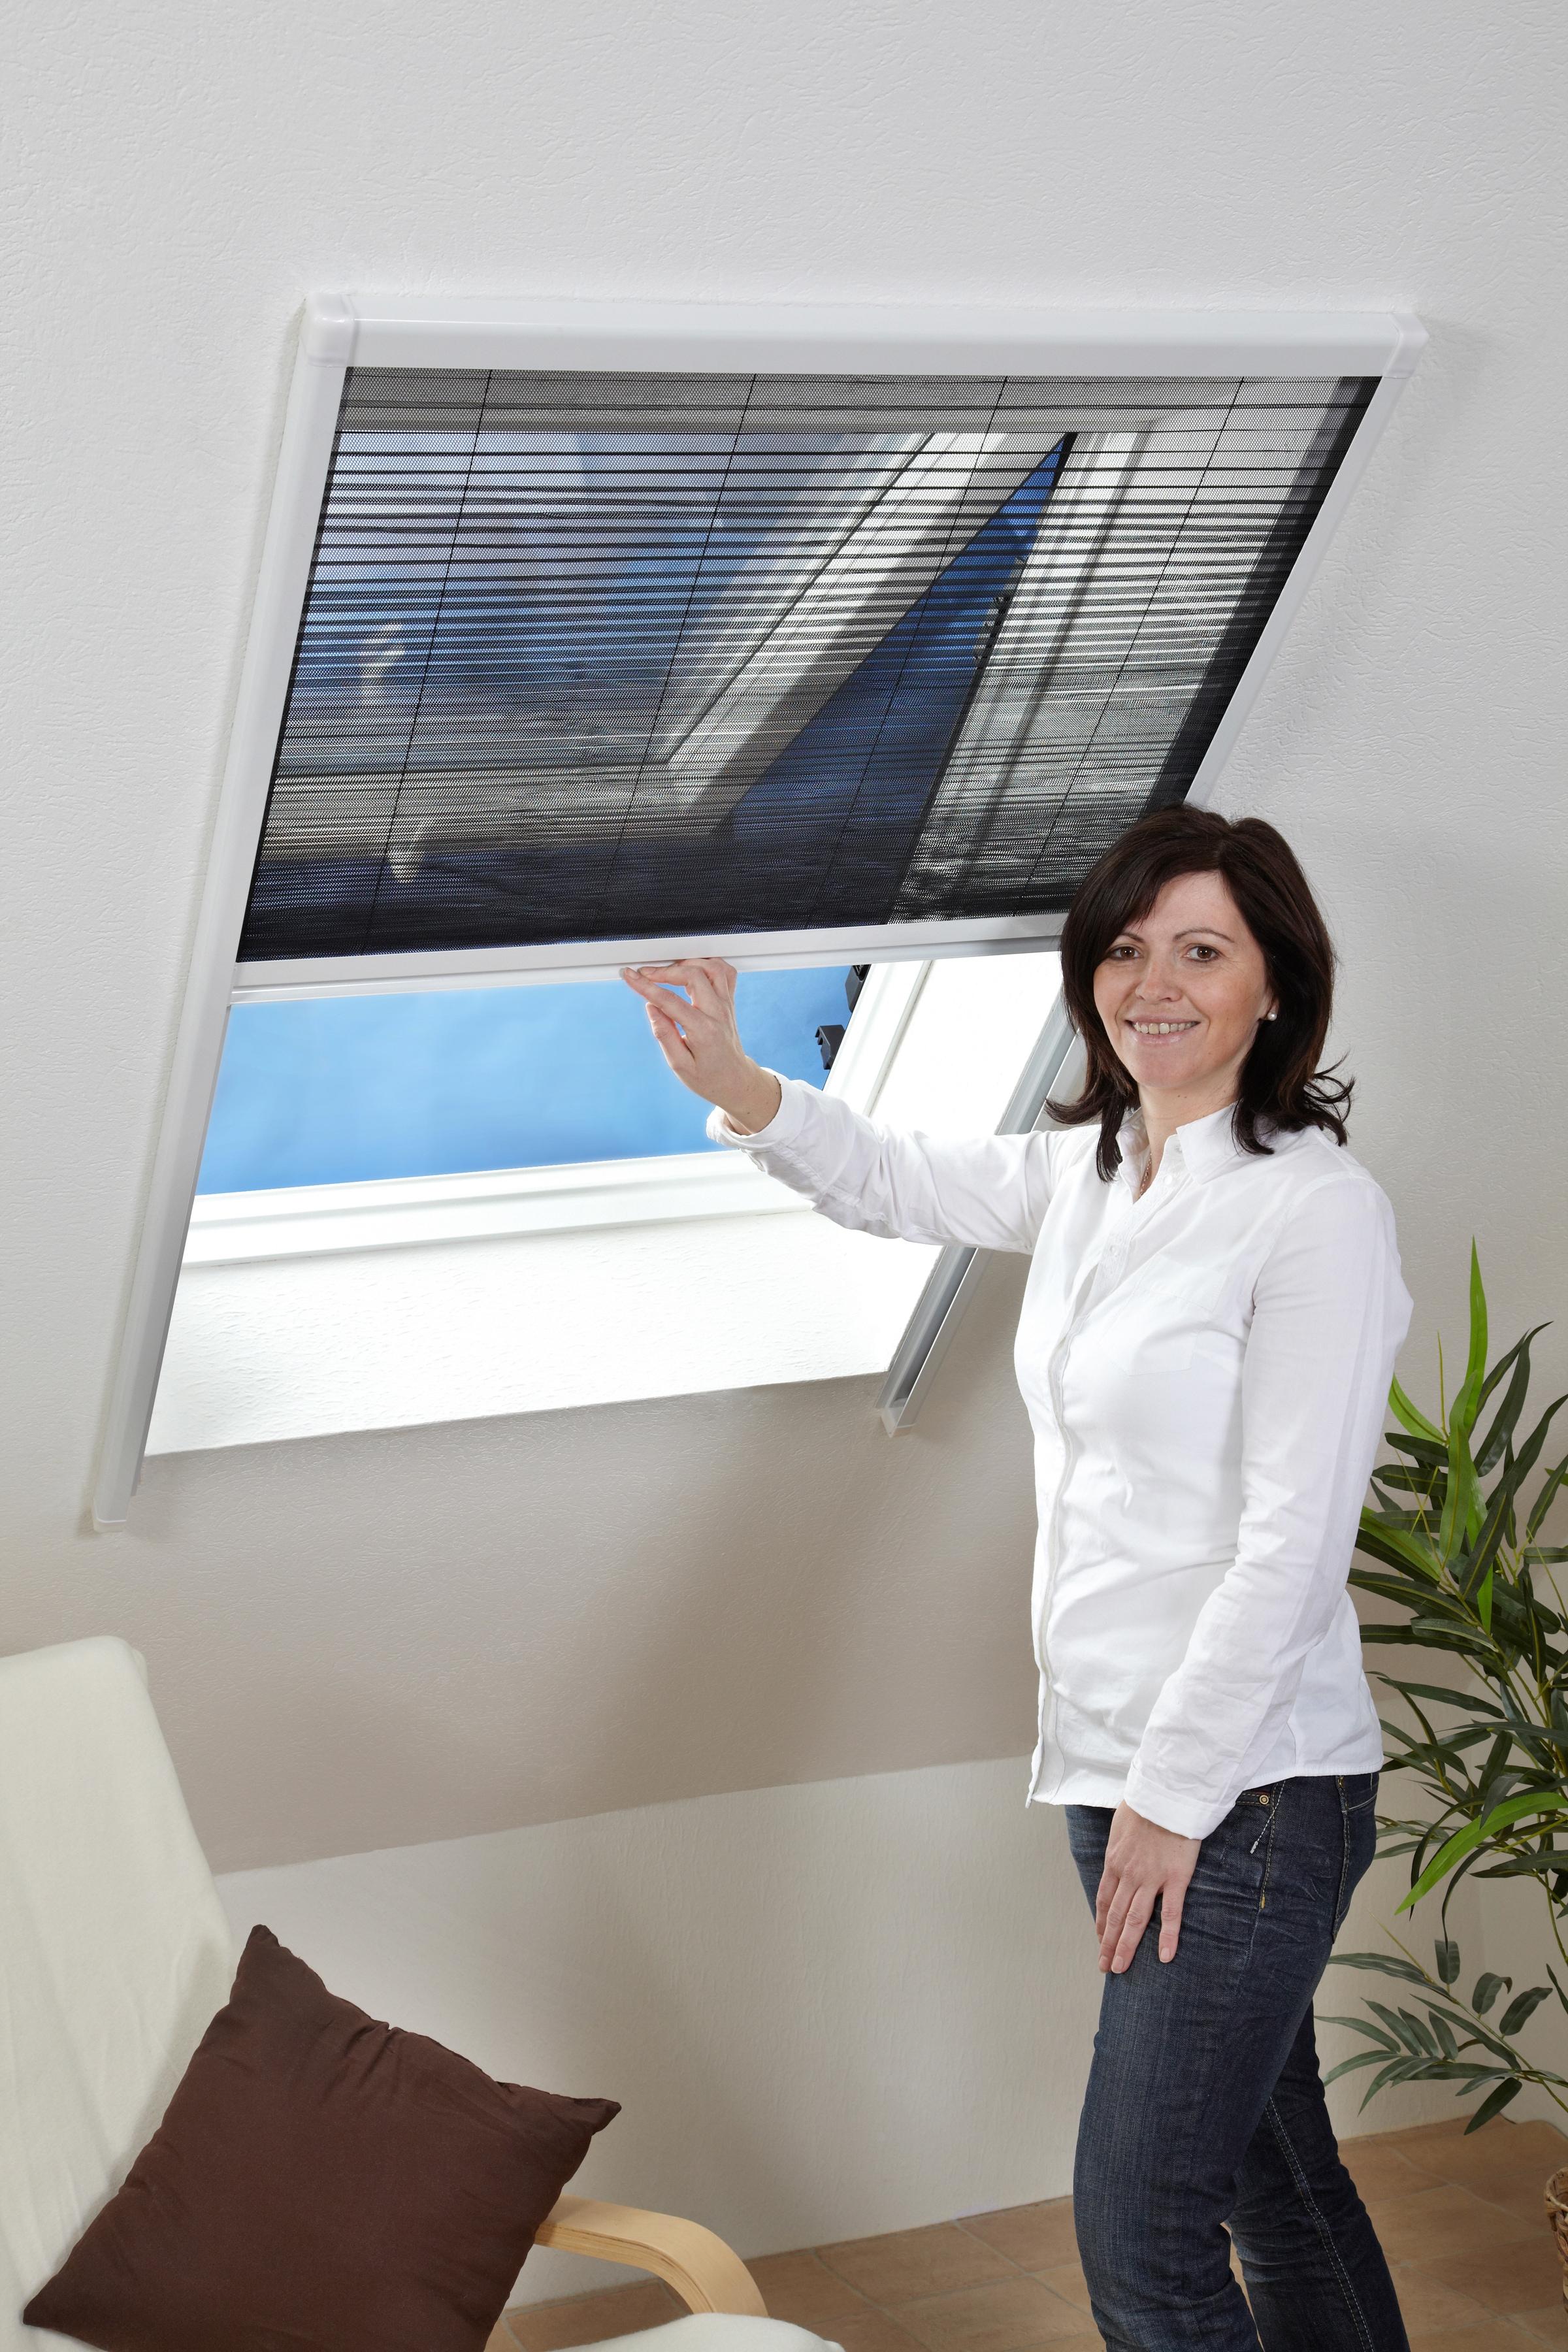 hecht international Insektenschutz-Dachfenster-Rollo, weiß/schwarz, BxH: 160x180 cm weiß Insektenschutzfenster Insektenschutz Bauen Renovieren Insektenschutz-Dachfenster-Rollo